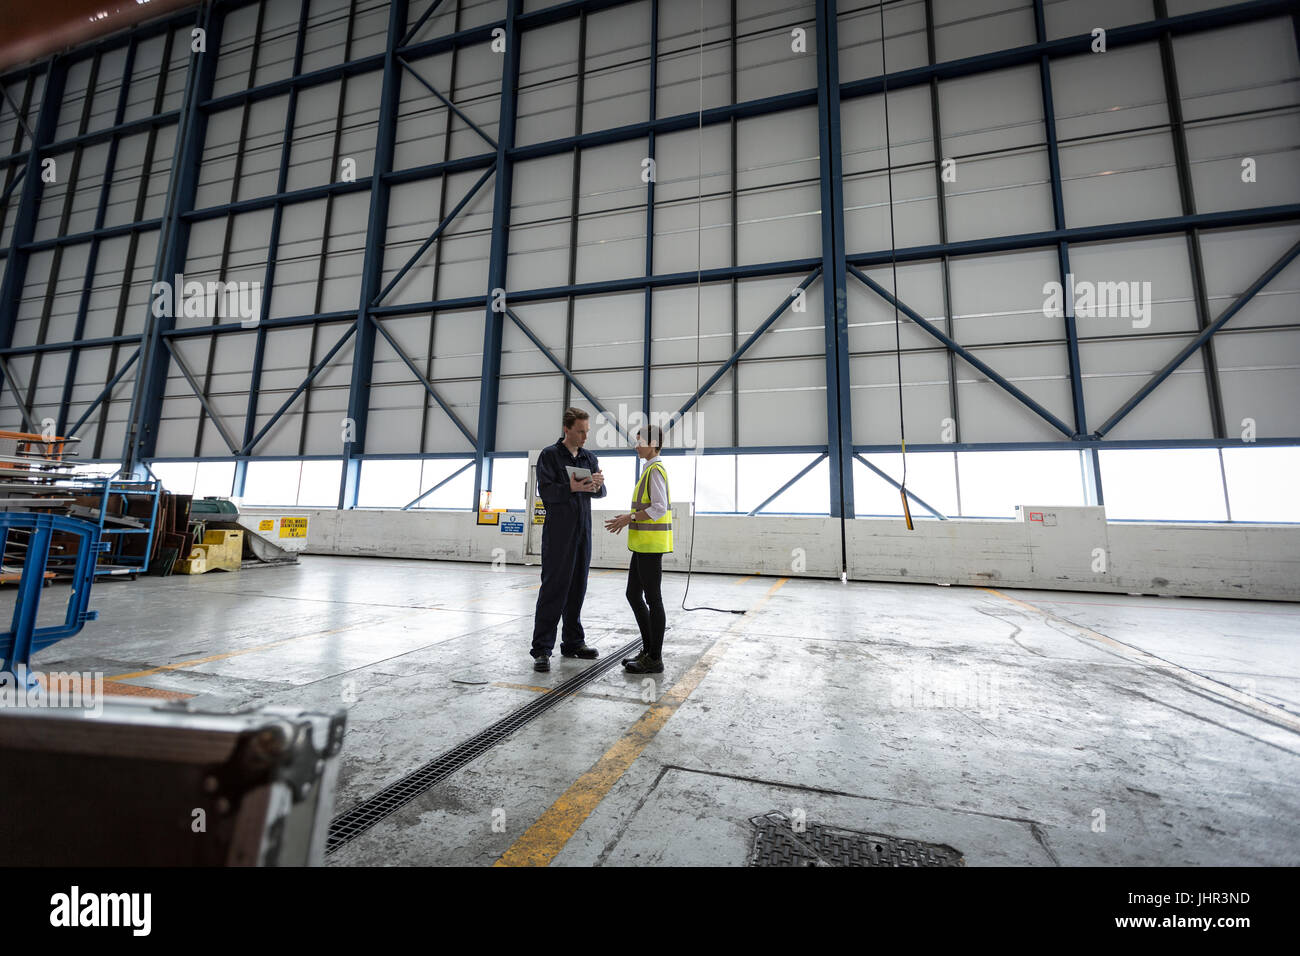 Wartungstechniker bei Fluggesellschaften Wartungseinrichtung miteinander interagieren Stockbild